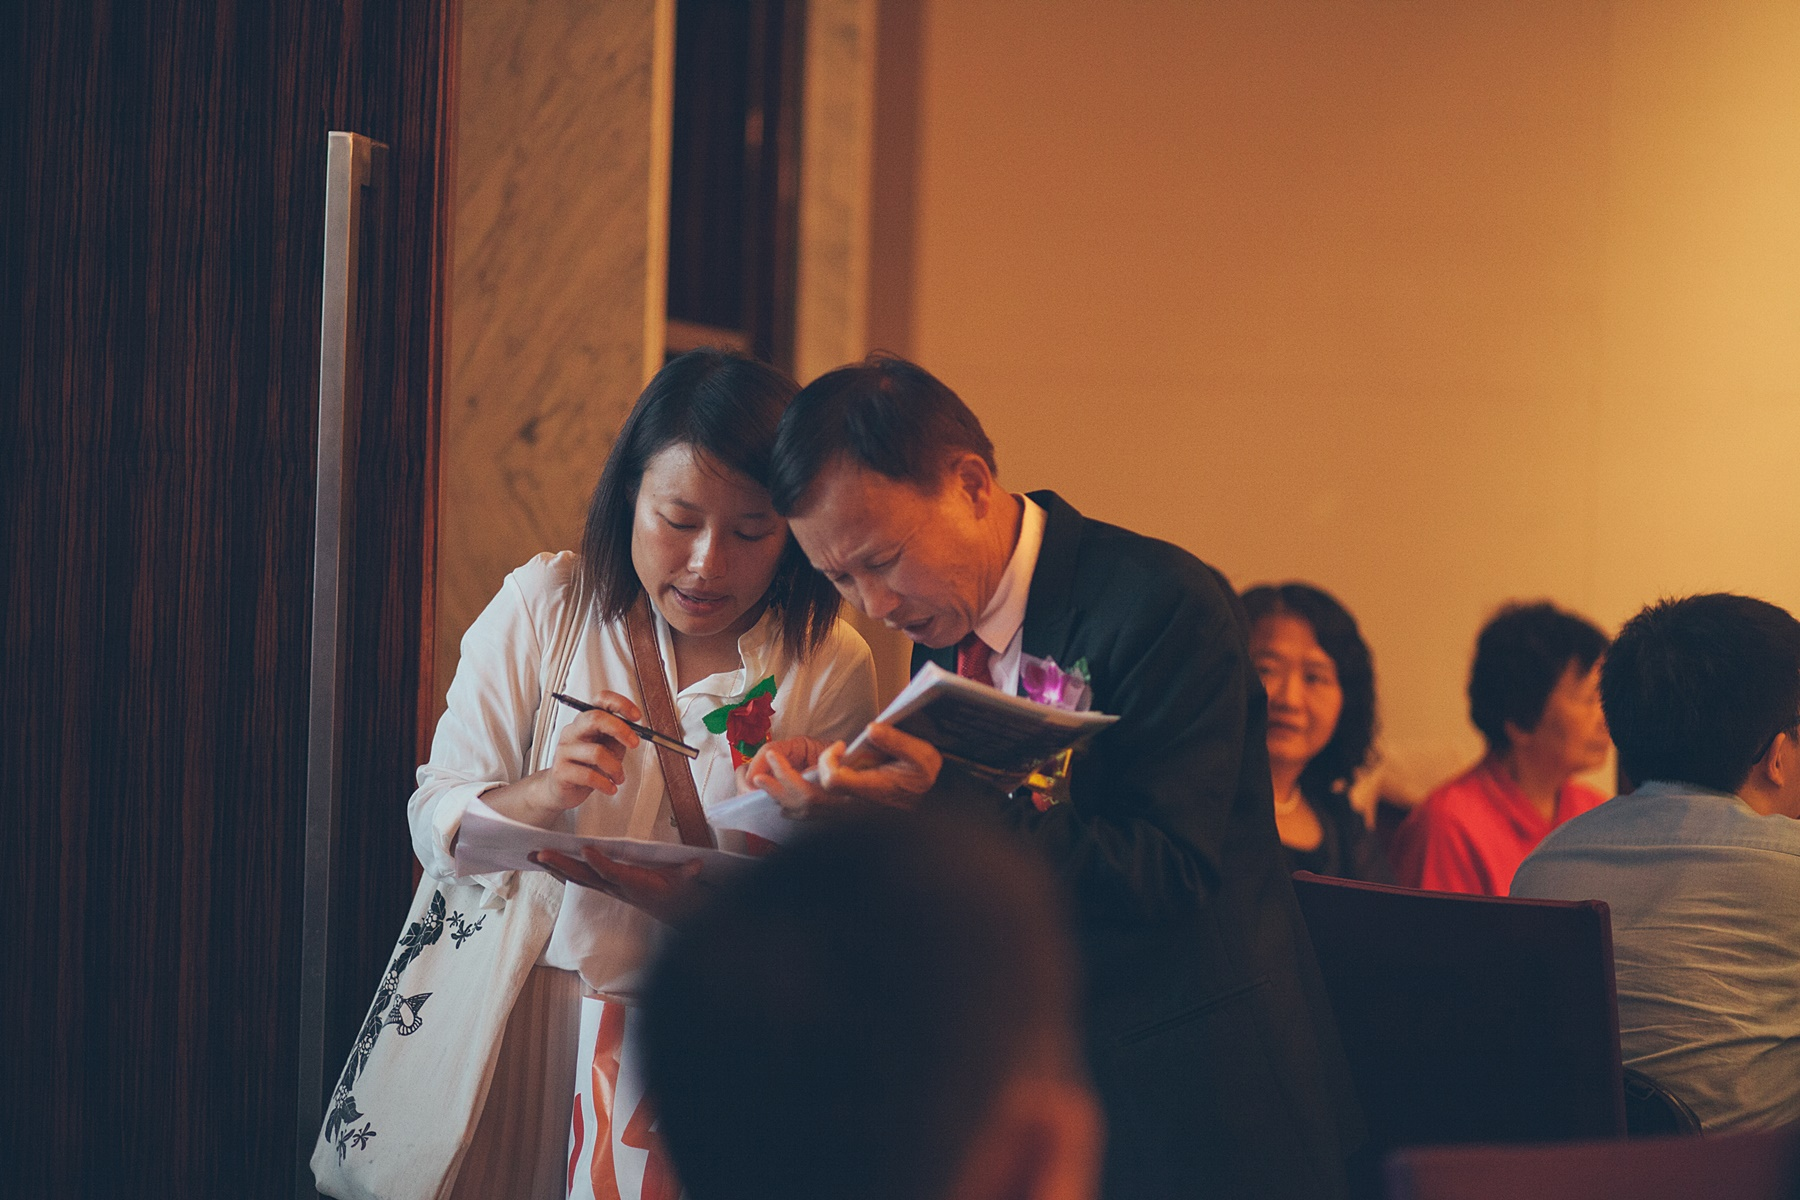 婚禮攝影,婚攝,婚禮記錄,新竹,芙洛麗大飯店,底片風格,自然